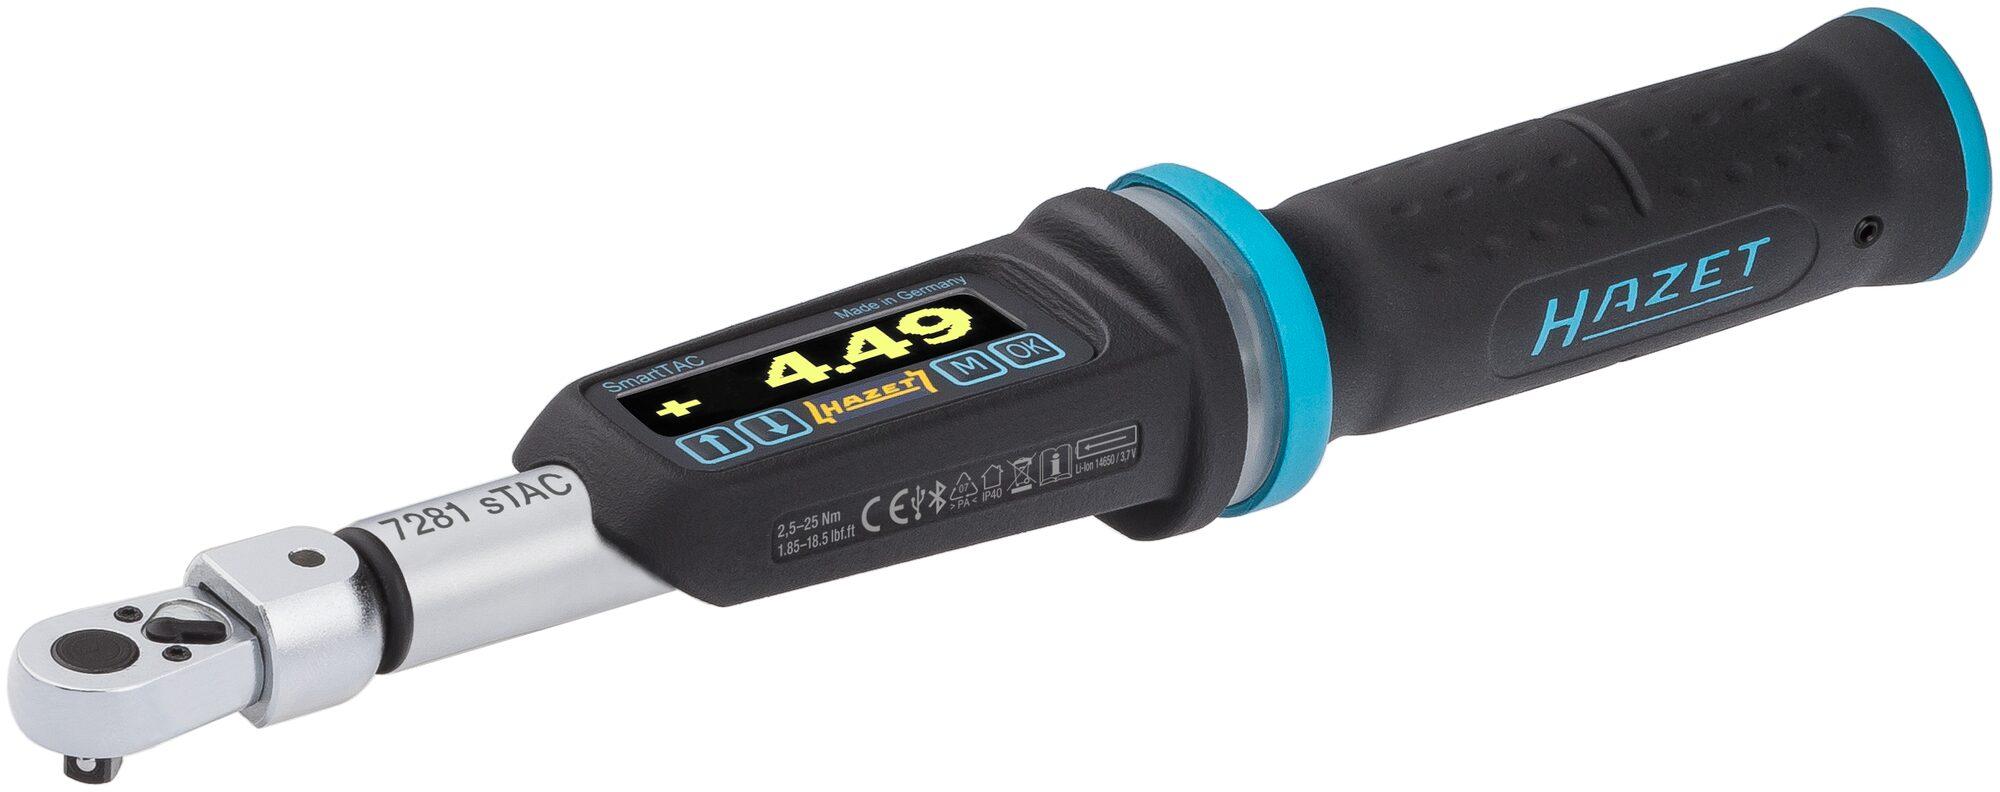 HAZET Elektronischer Drehmoment- / Drehwinkel-Schlüssel 7281-5STAC ∙ Nm min-max: 2.5–25 Nm ∙ Toleranz: 2%